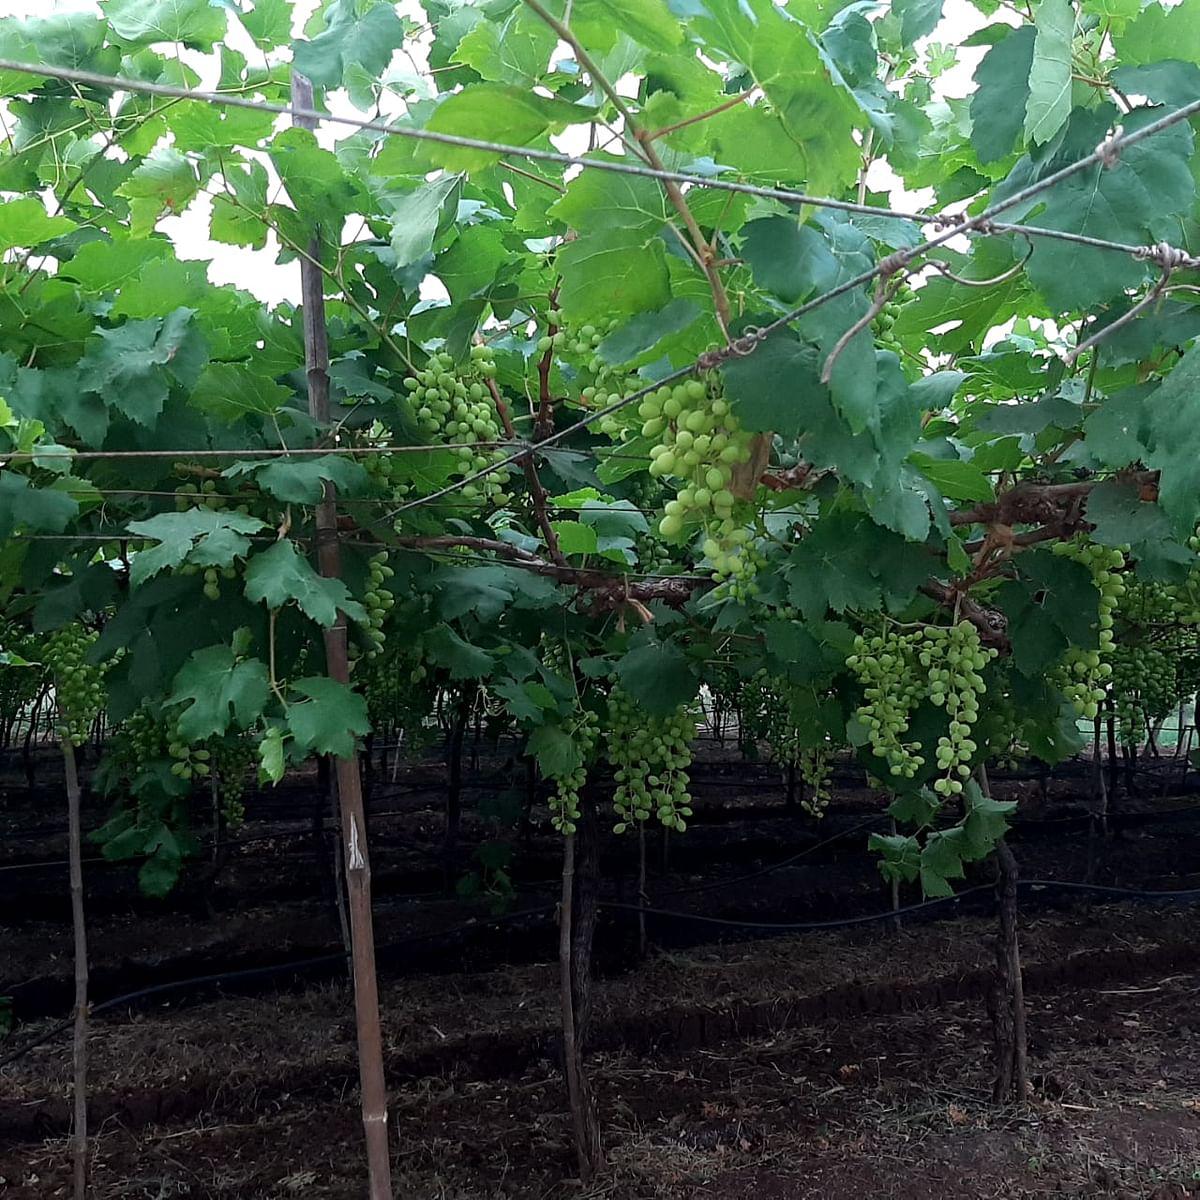 व्हिडीओ स्टोरी : द्राक्ष, डाळिंब, कांद्याला फटका